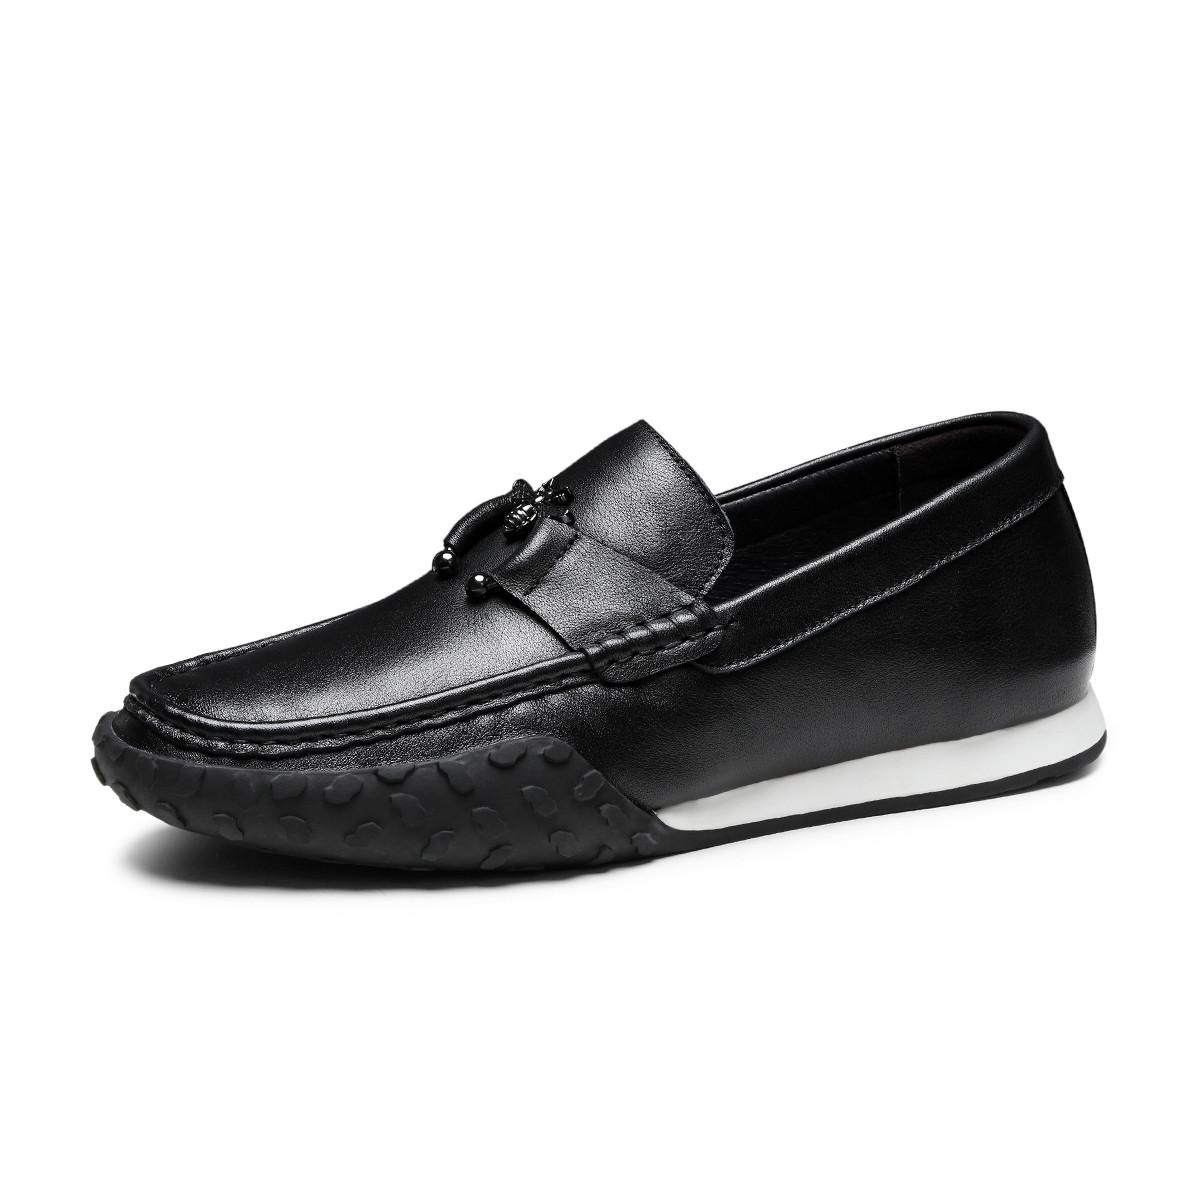 波尔谛奇新款真皮男鞋牛皮舒适套脚乐福鞋司机鞋男士商务皮鞋豆豆鞋K8X81110-3-HY